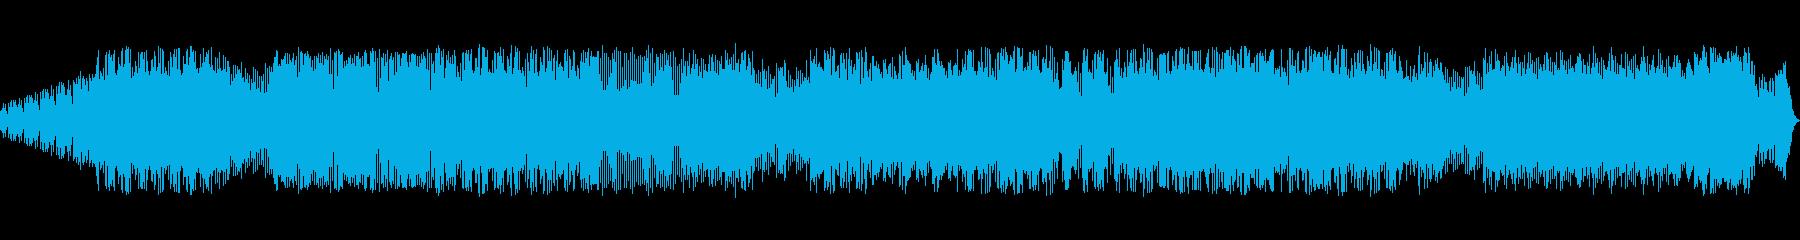 かっこいいEDM!!! の再生済みの波形